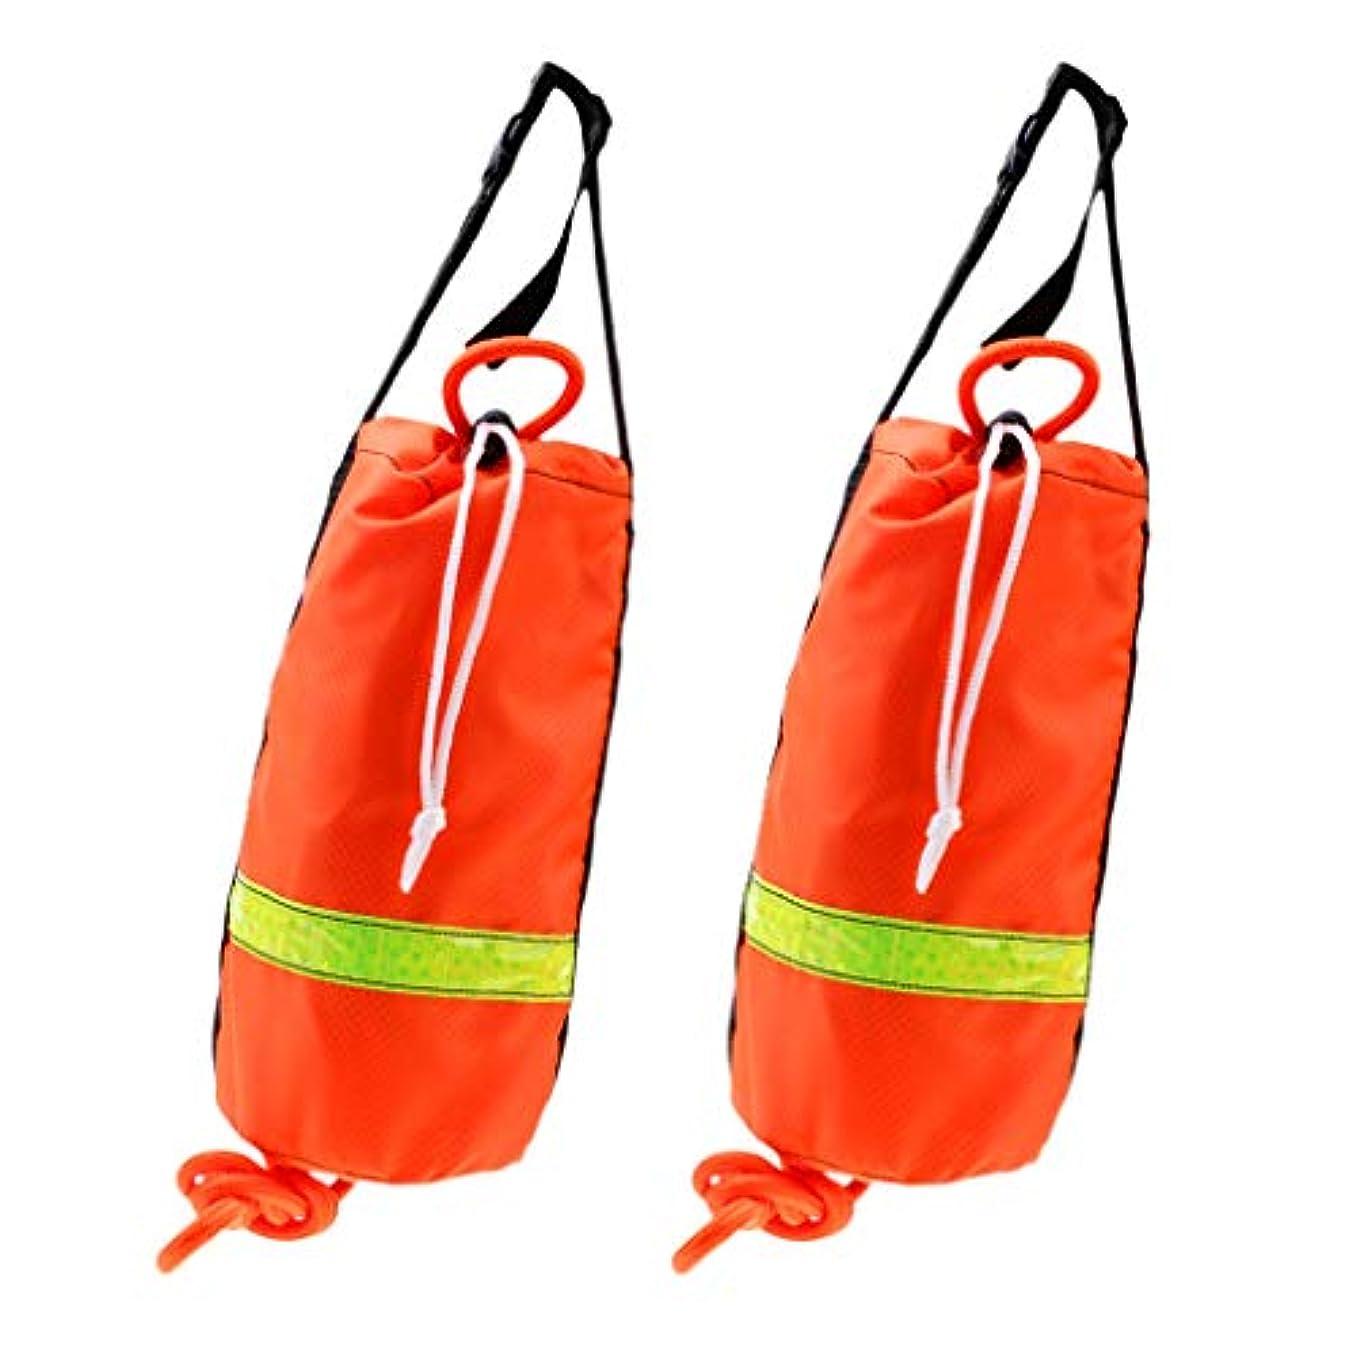 多様体提唱する文庫本DYNWAVE カヤック ボート 安全装置 浮遊ロープ 反射性 スローバッグ スローライン ロープ 2個